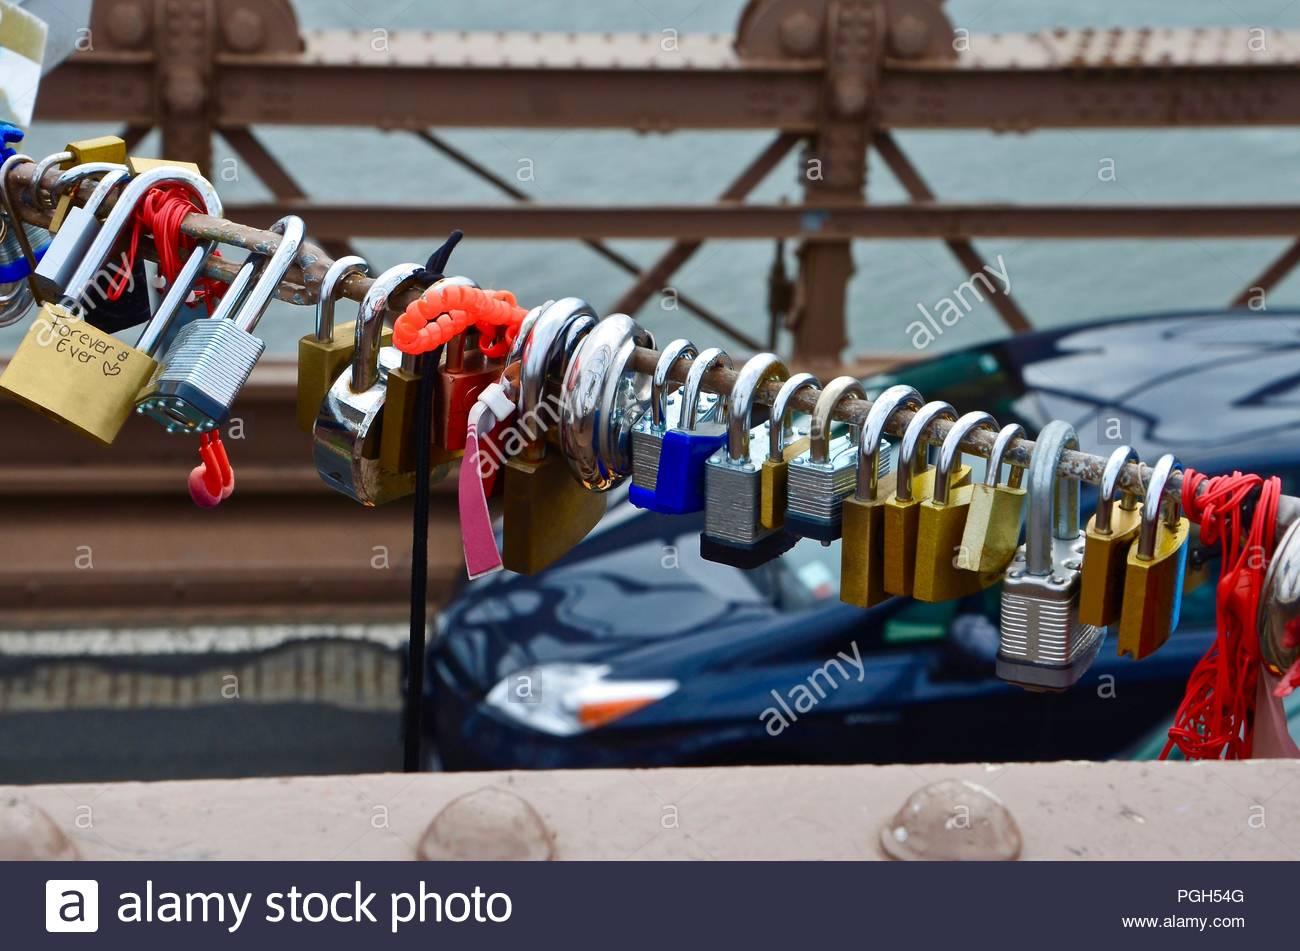 Bunte liebe Schlösser auf einer Brücke in New York City, Liebe, Vermietungen, Paare, Ewigkeit, Architektur, Kultur, Tag, Hudson River, sonnig, TagStockfoto